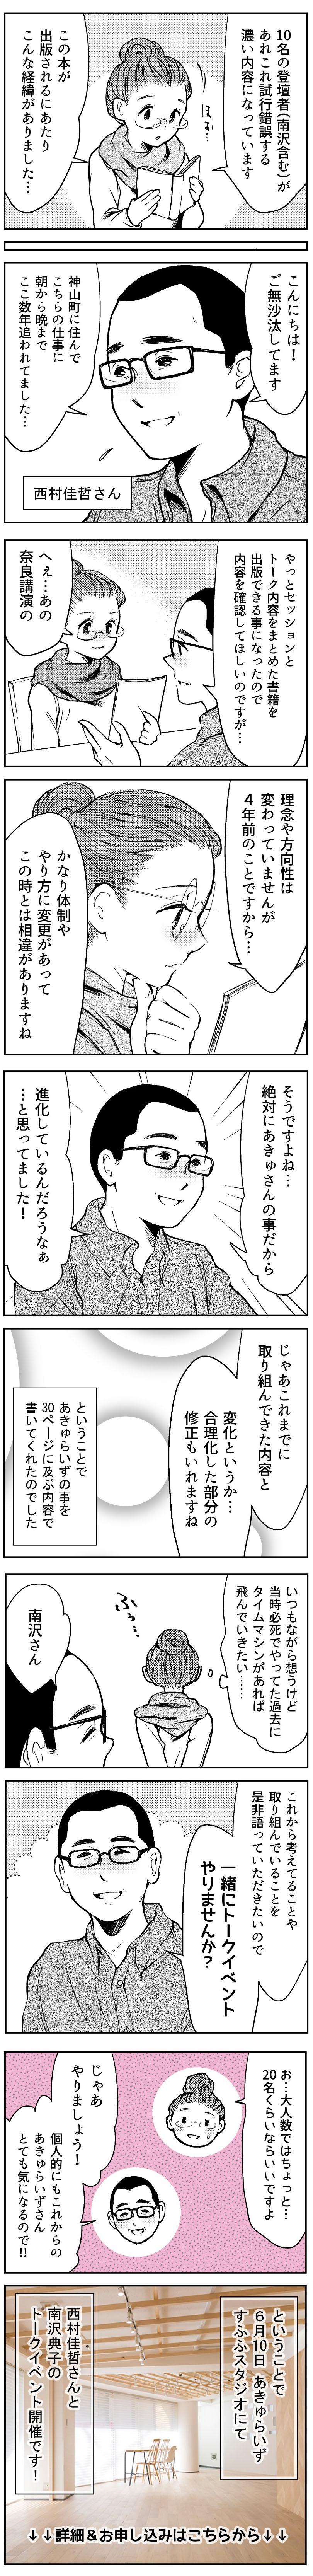 101-4.jpg